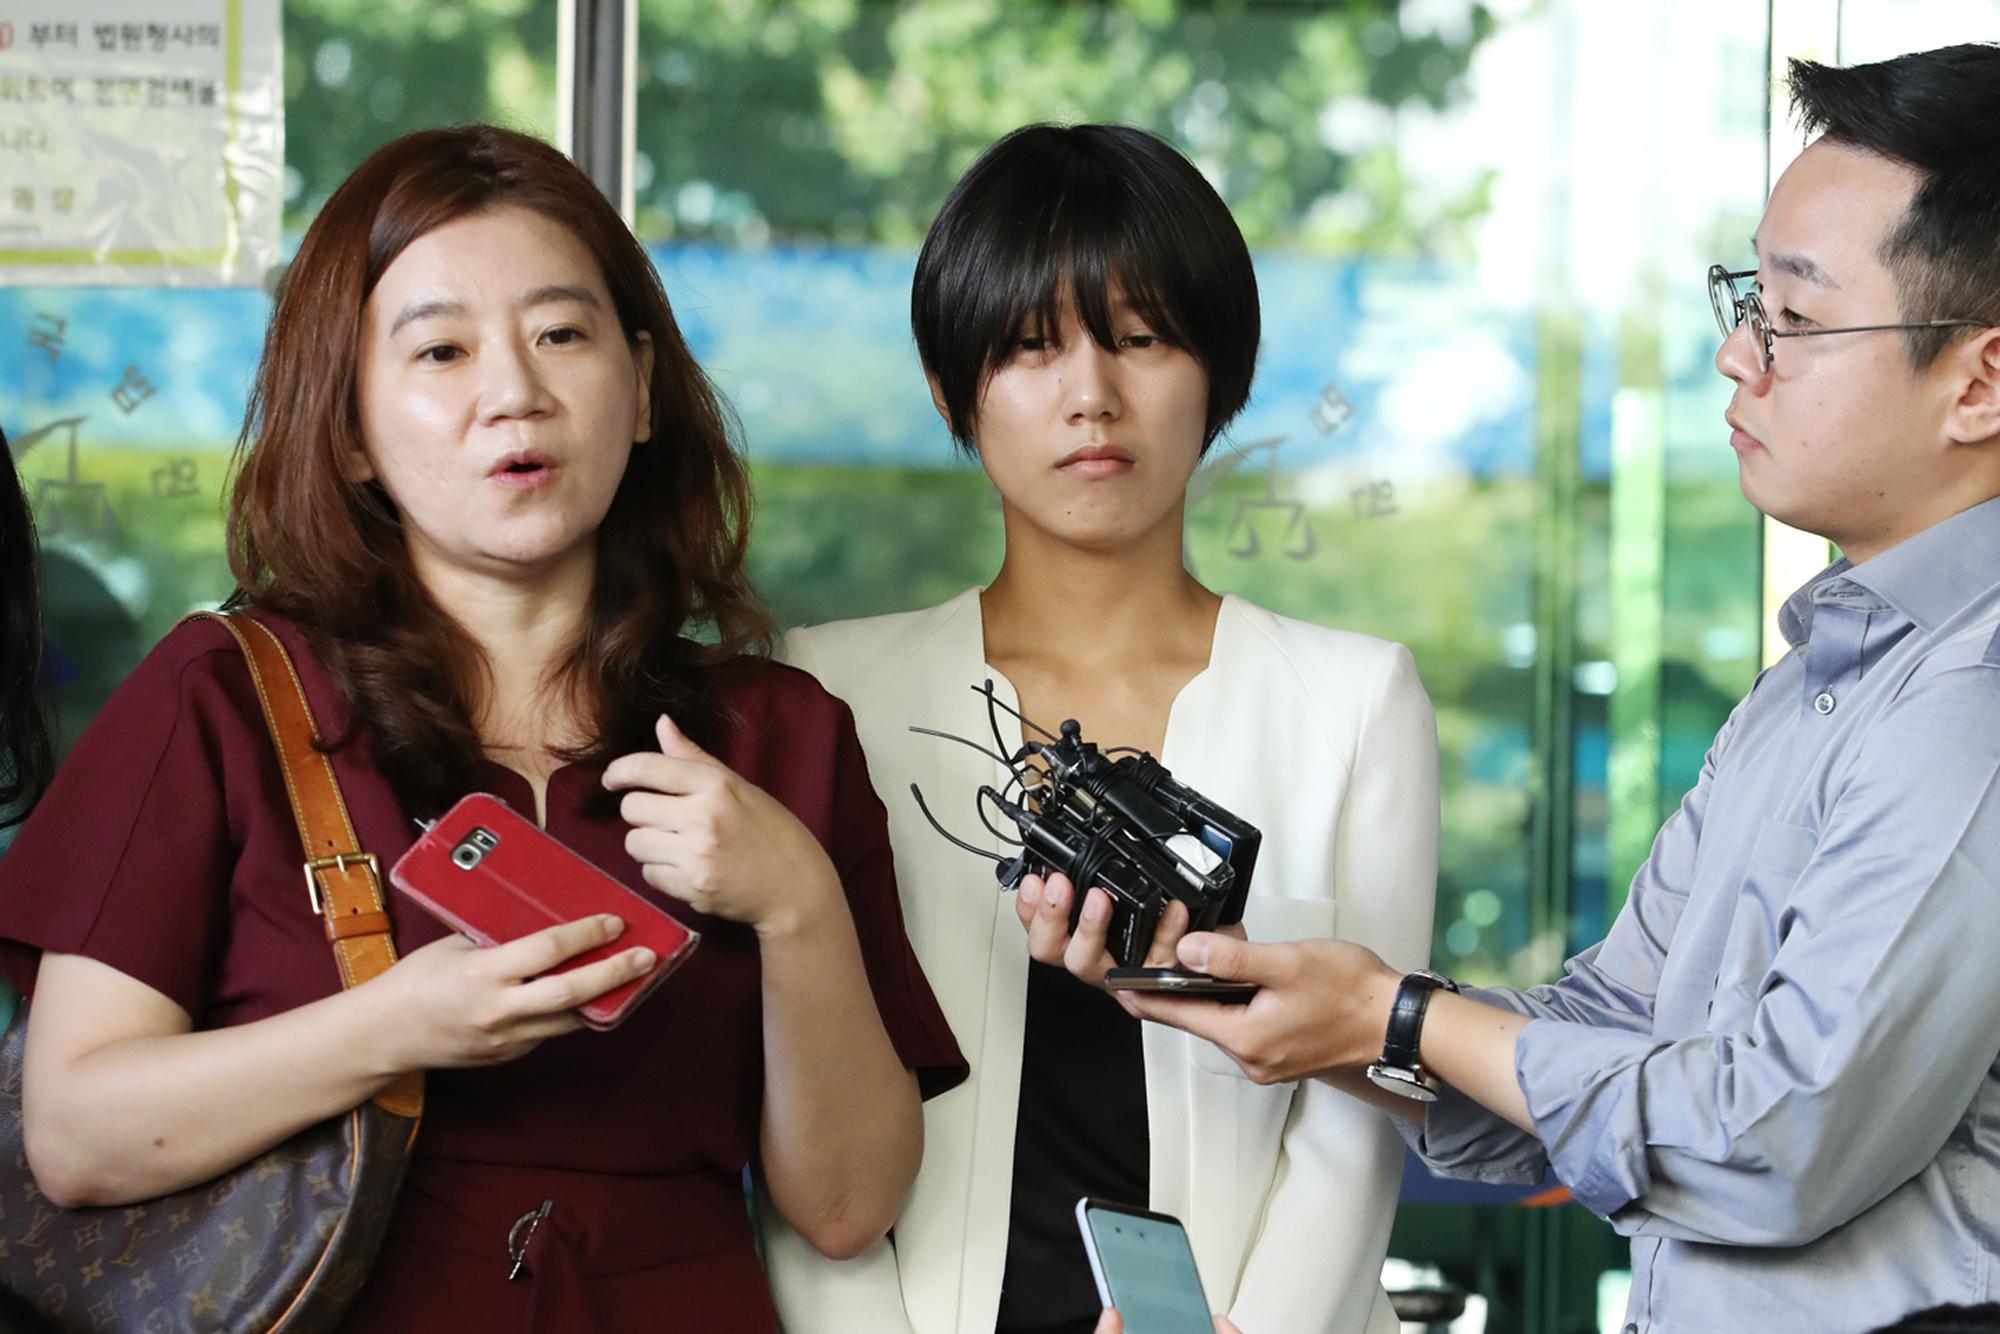 5일 오전 서울 서부지방법원에서 열린 '유튜버 촬영물 유포 및 강제추행 사건' 제1회 공판을 방청한 피해자 양예원(오른쪽)씨와 이은의 변호사가 기자들과 인터뷰하고 있다. [연합뉴스]